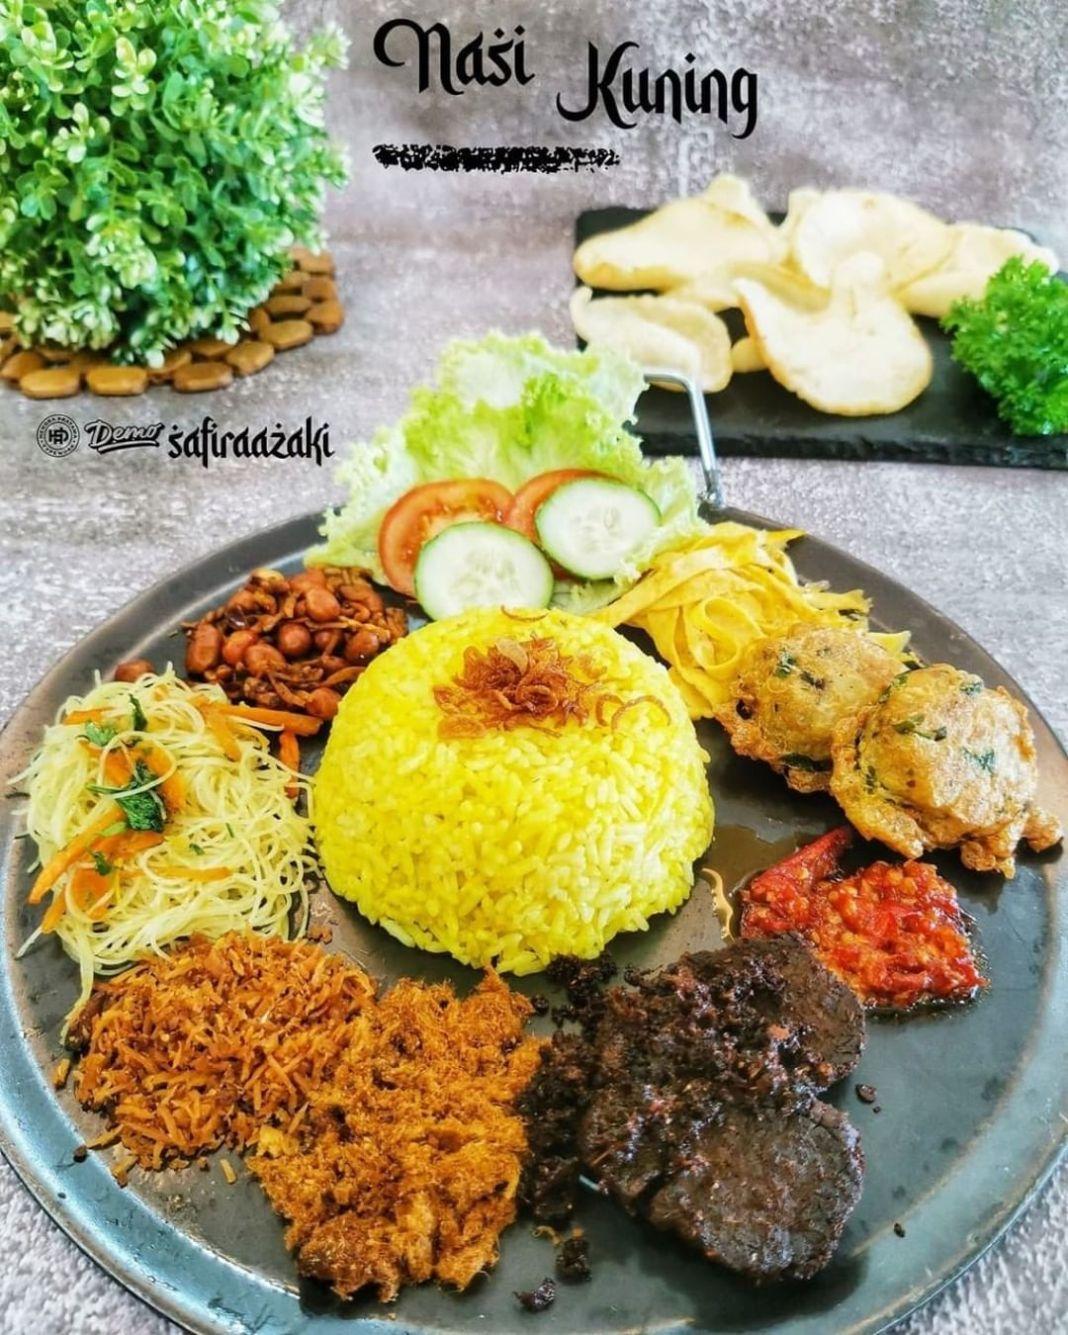 Info kuliner, Nasi Kuning  Bahan-bahan 500 gr beras, cuci bersih, tiriskan (me : 2 cup)  Bumbu Tumis : 3 siun…